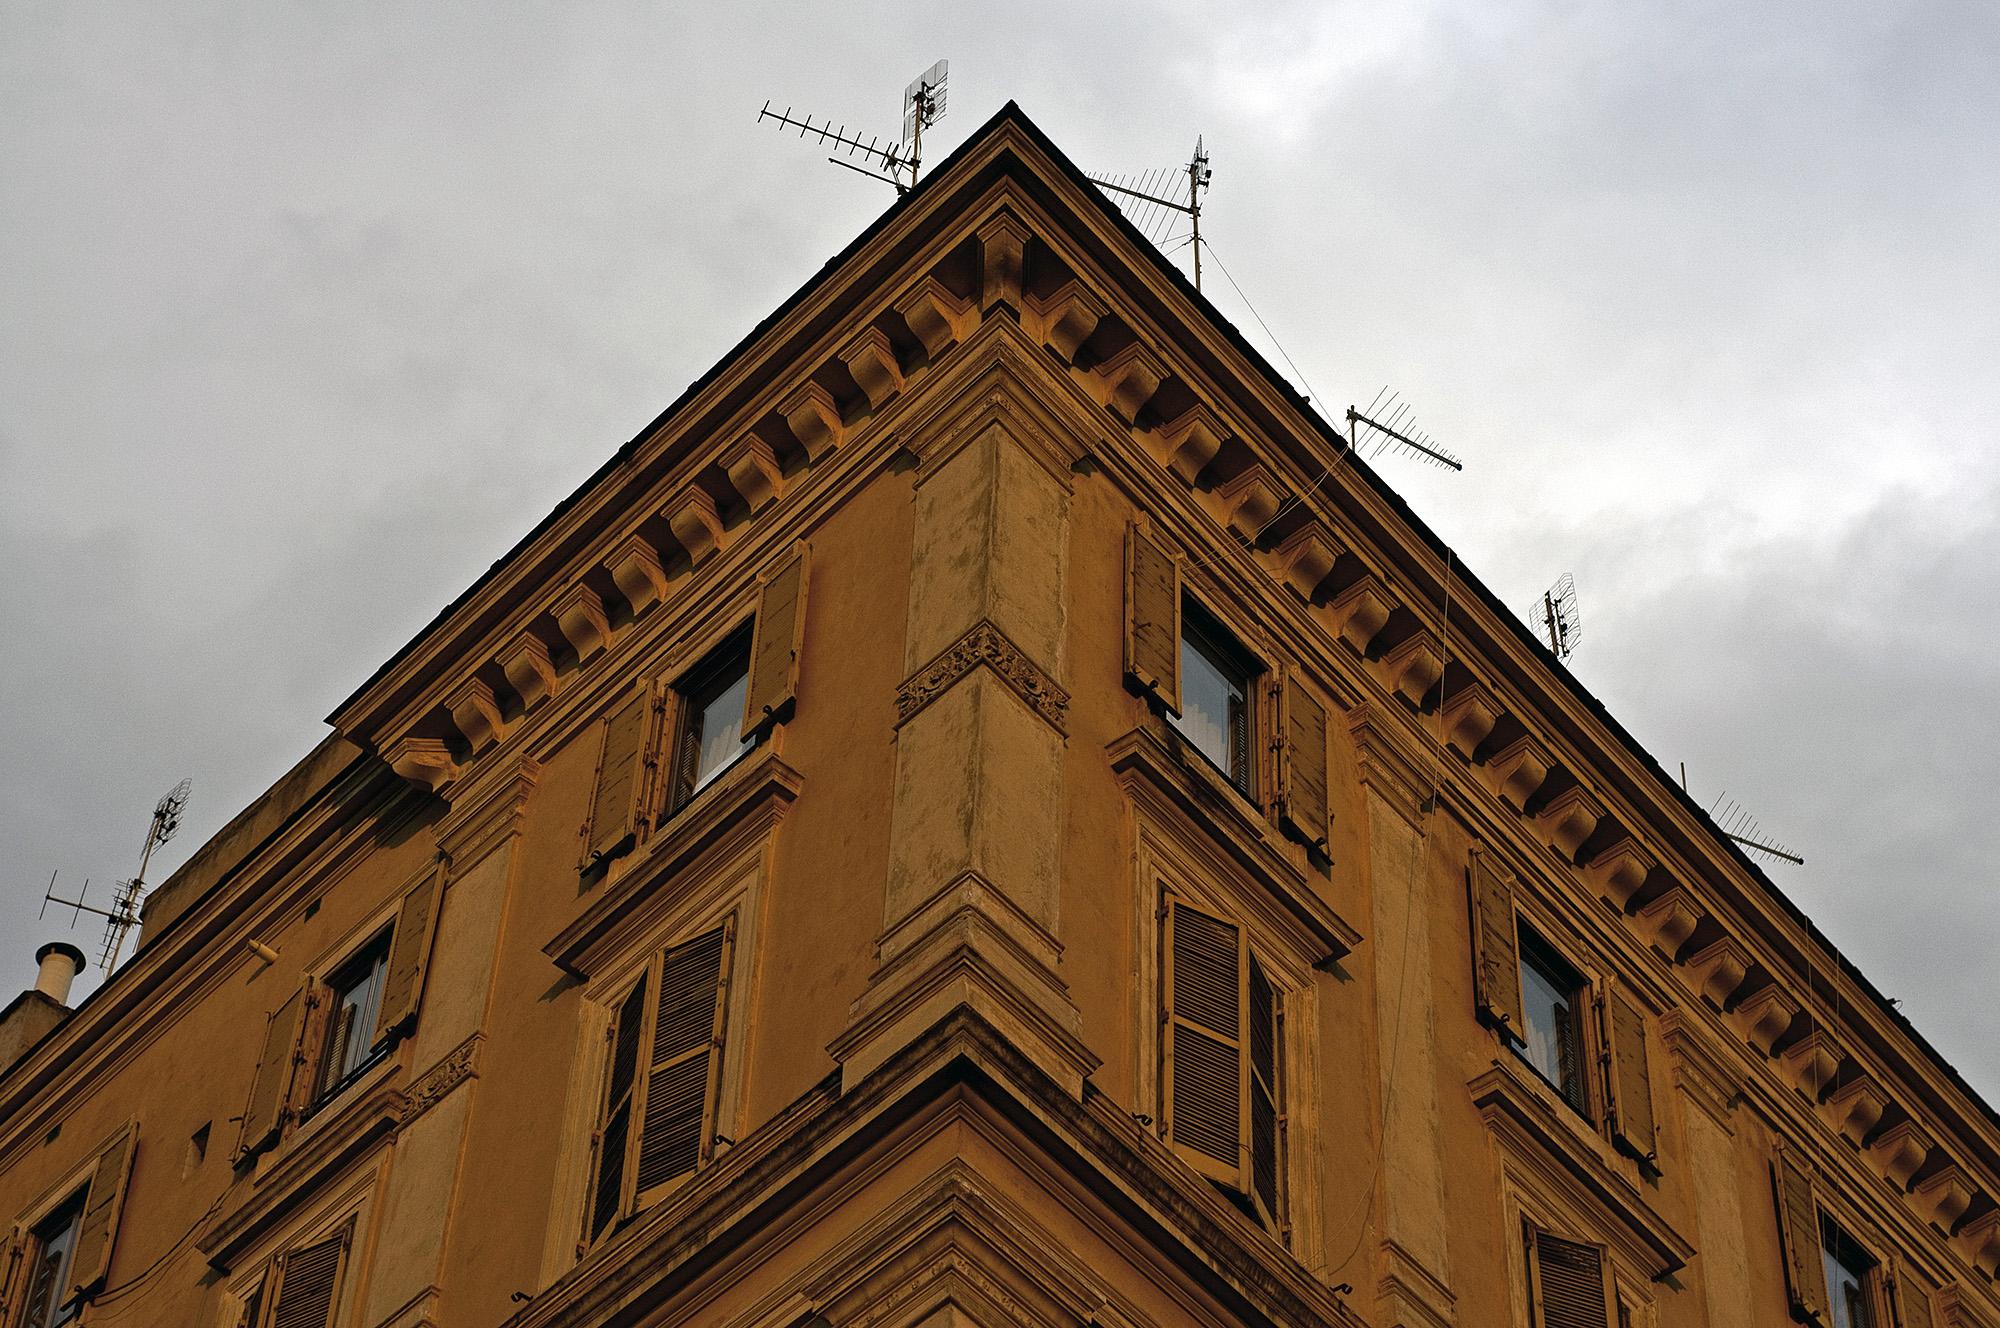 Roman Architectural Building Corner